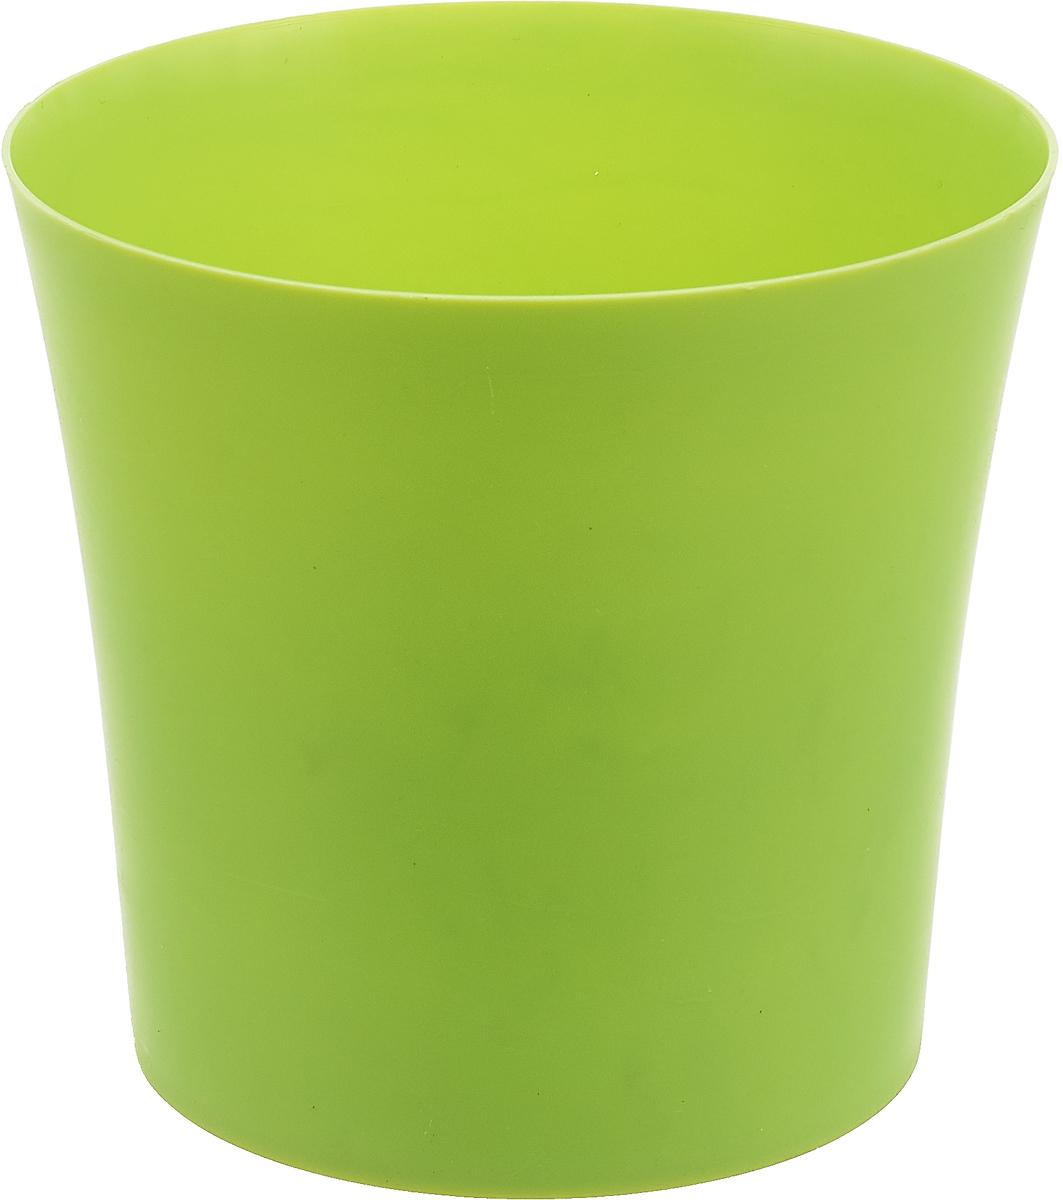 Кашпо Form-Plastic Фиолек, цвет: салатовый, диаметр 12,5 см